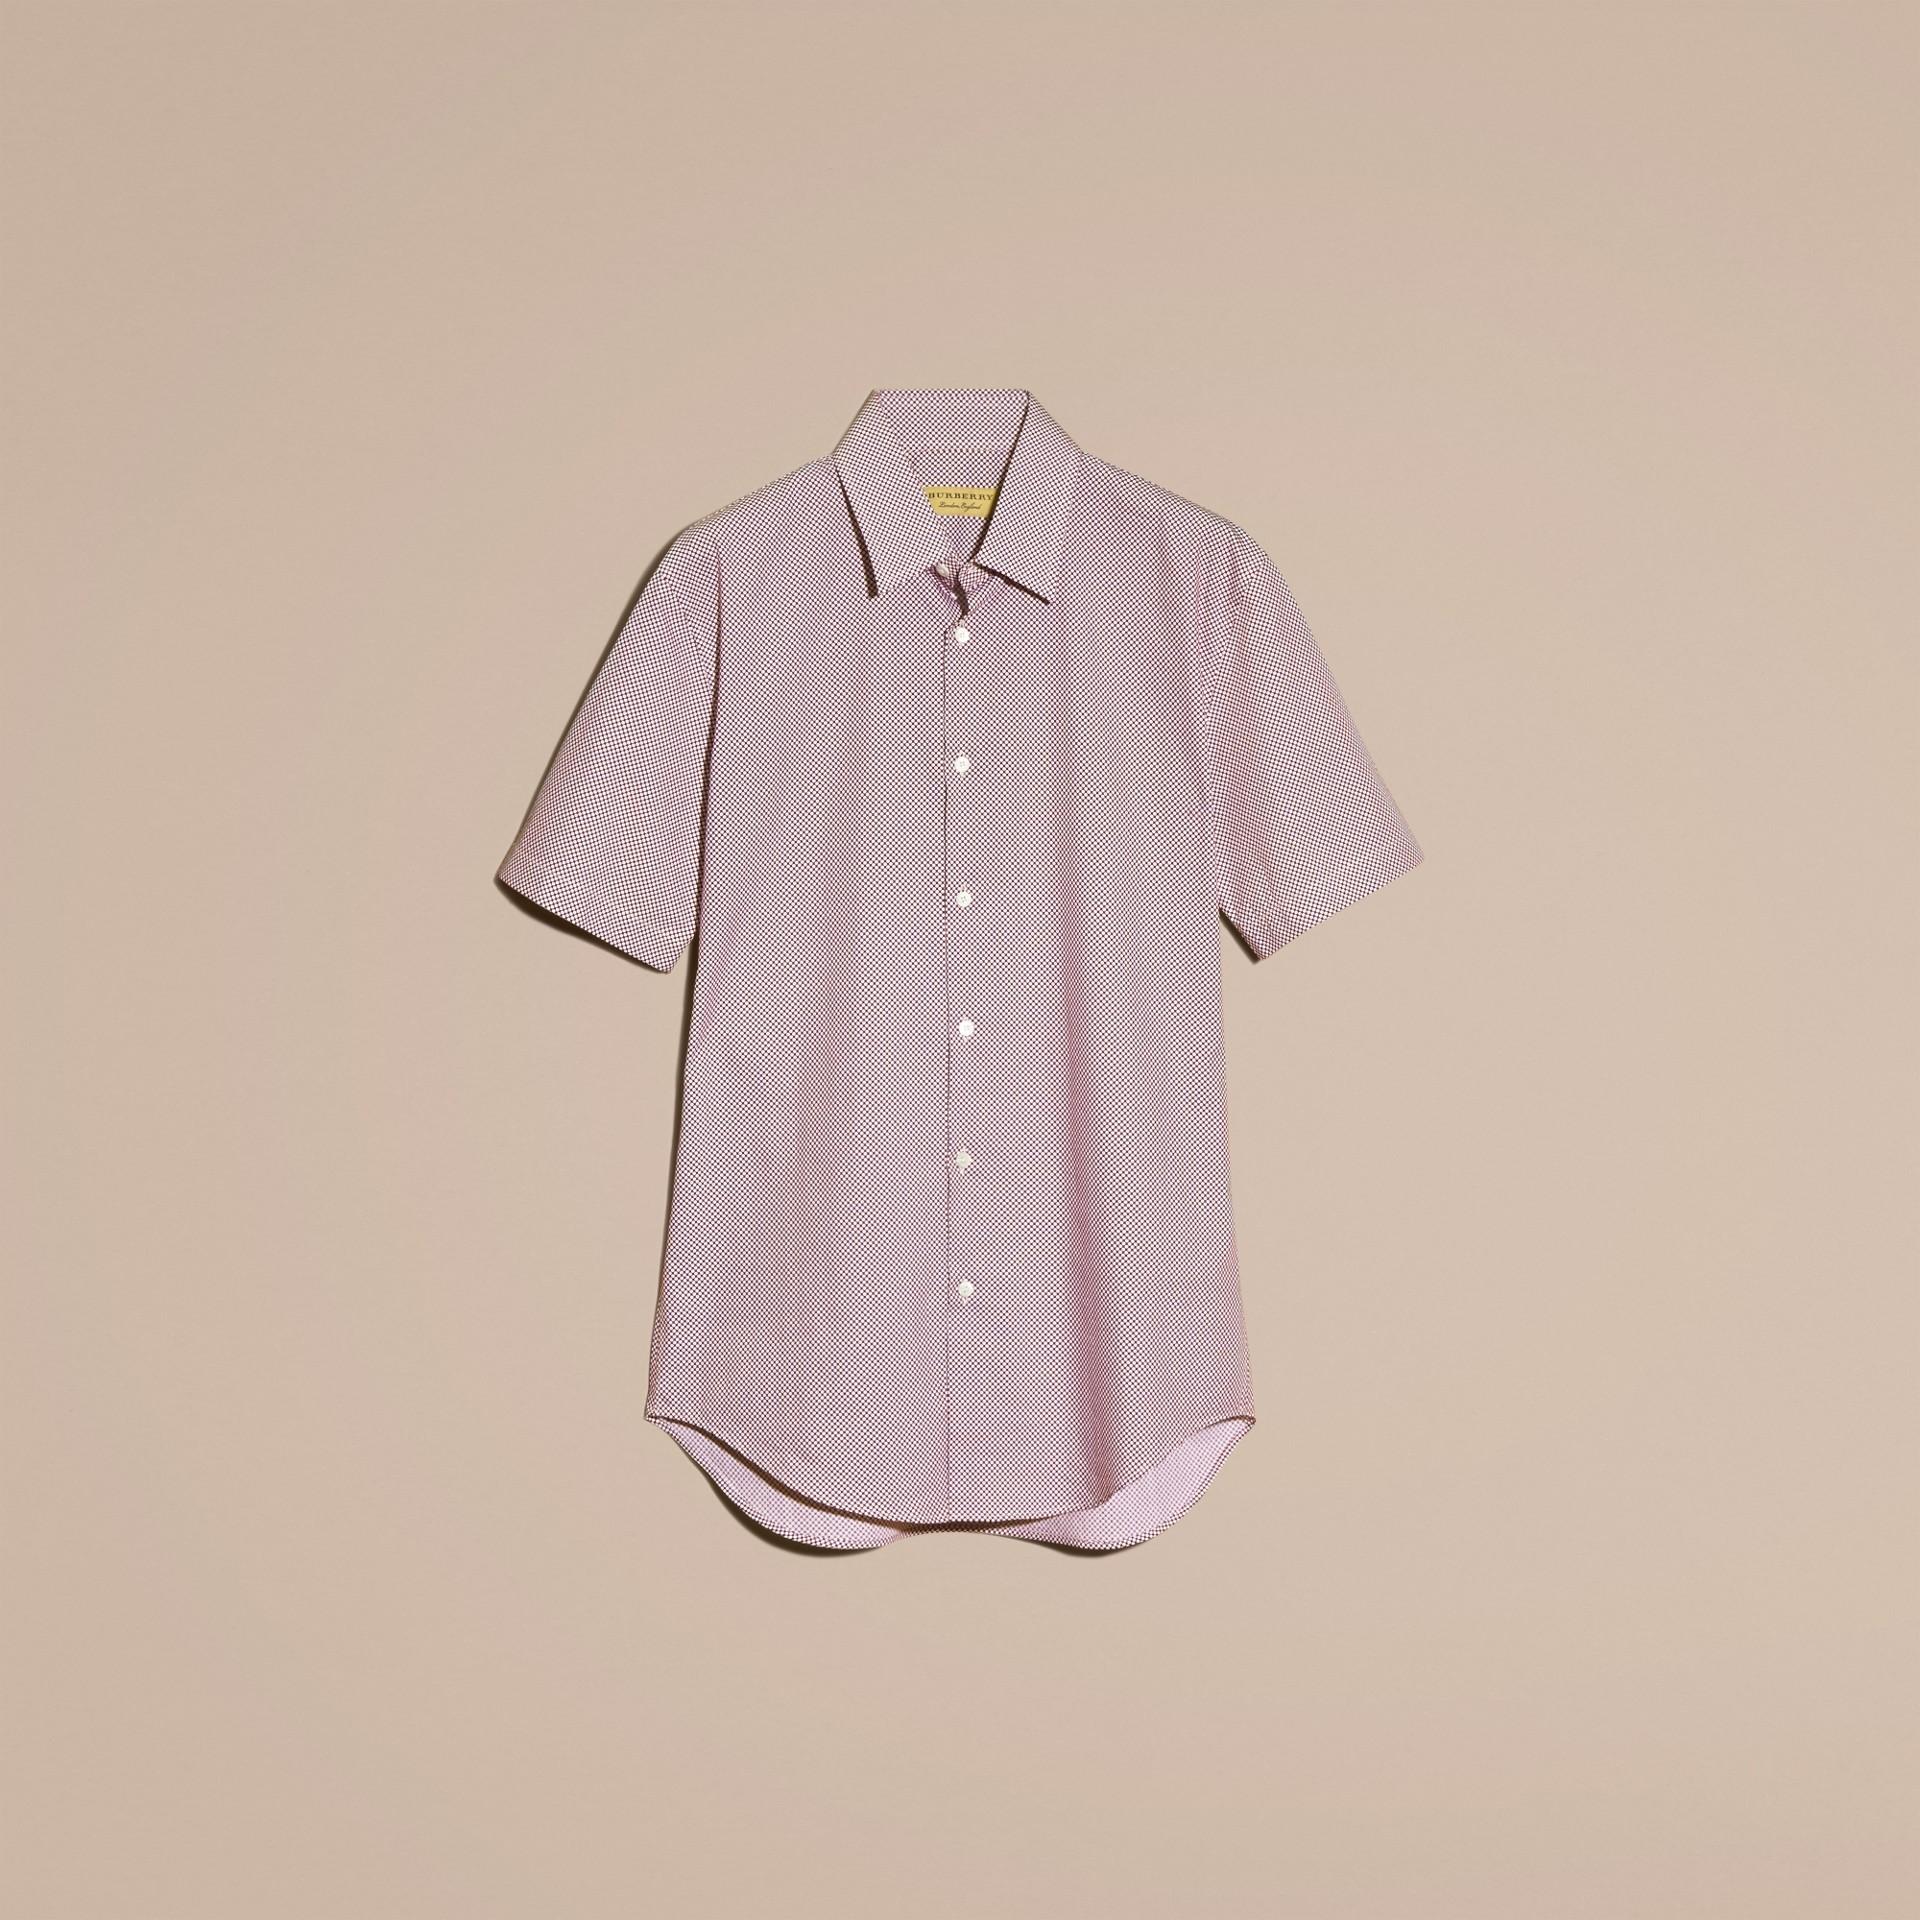 Carmine red Camisa de algodão com mangas curtas e estampa de poás - galeria de imagens 4